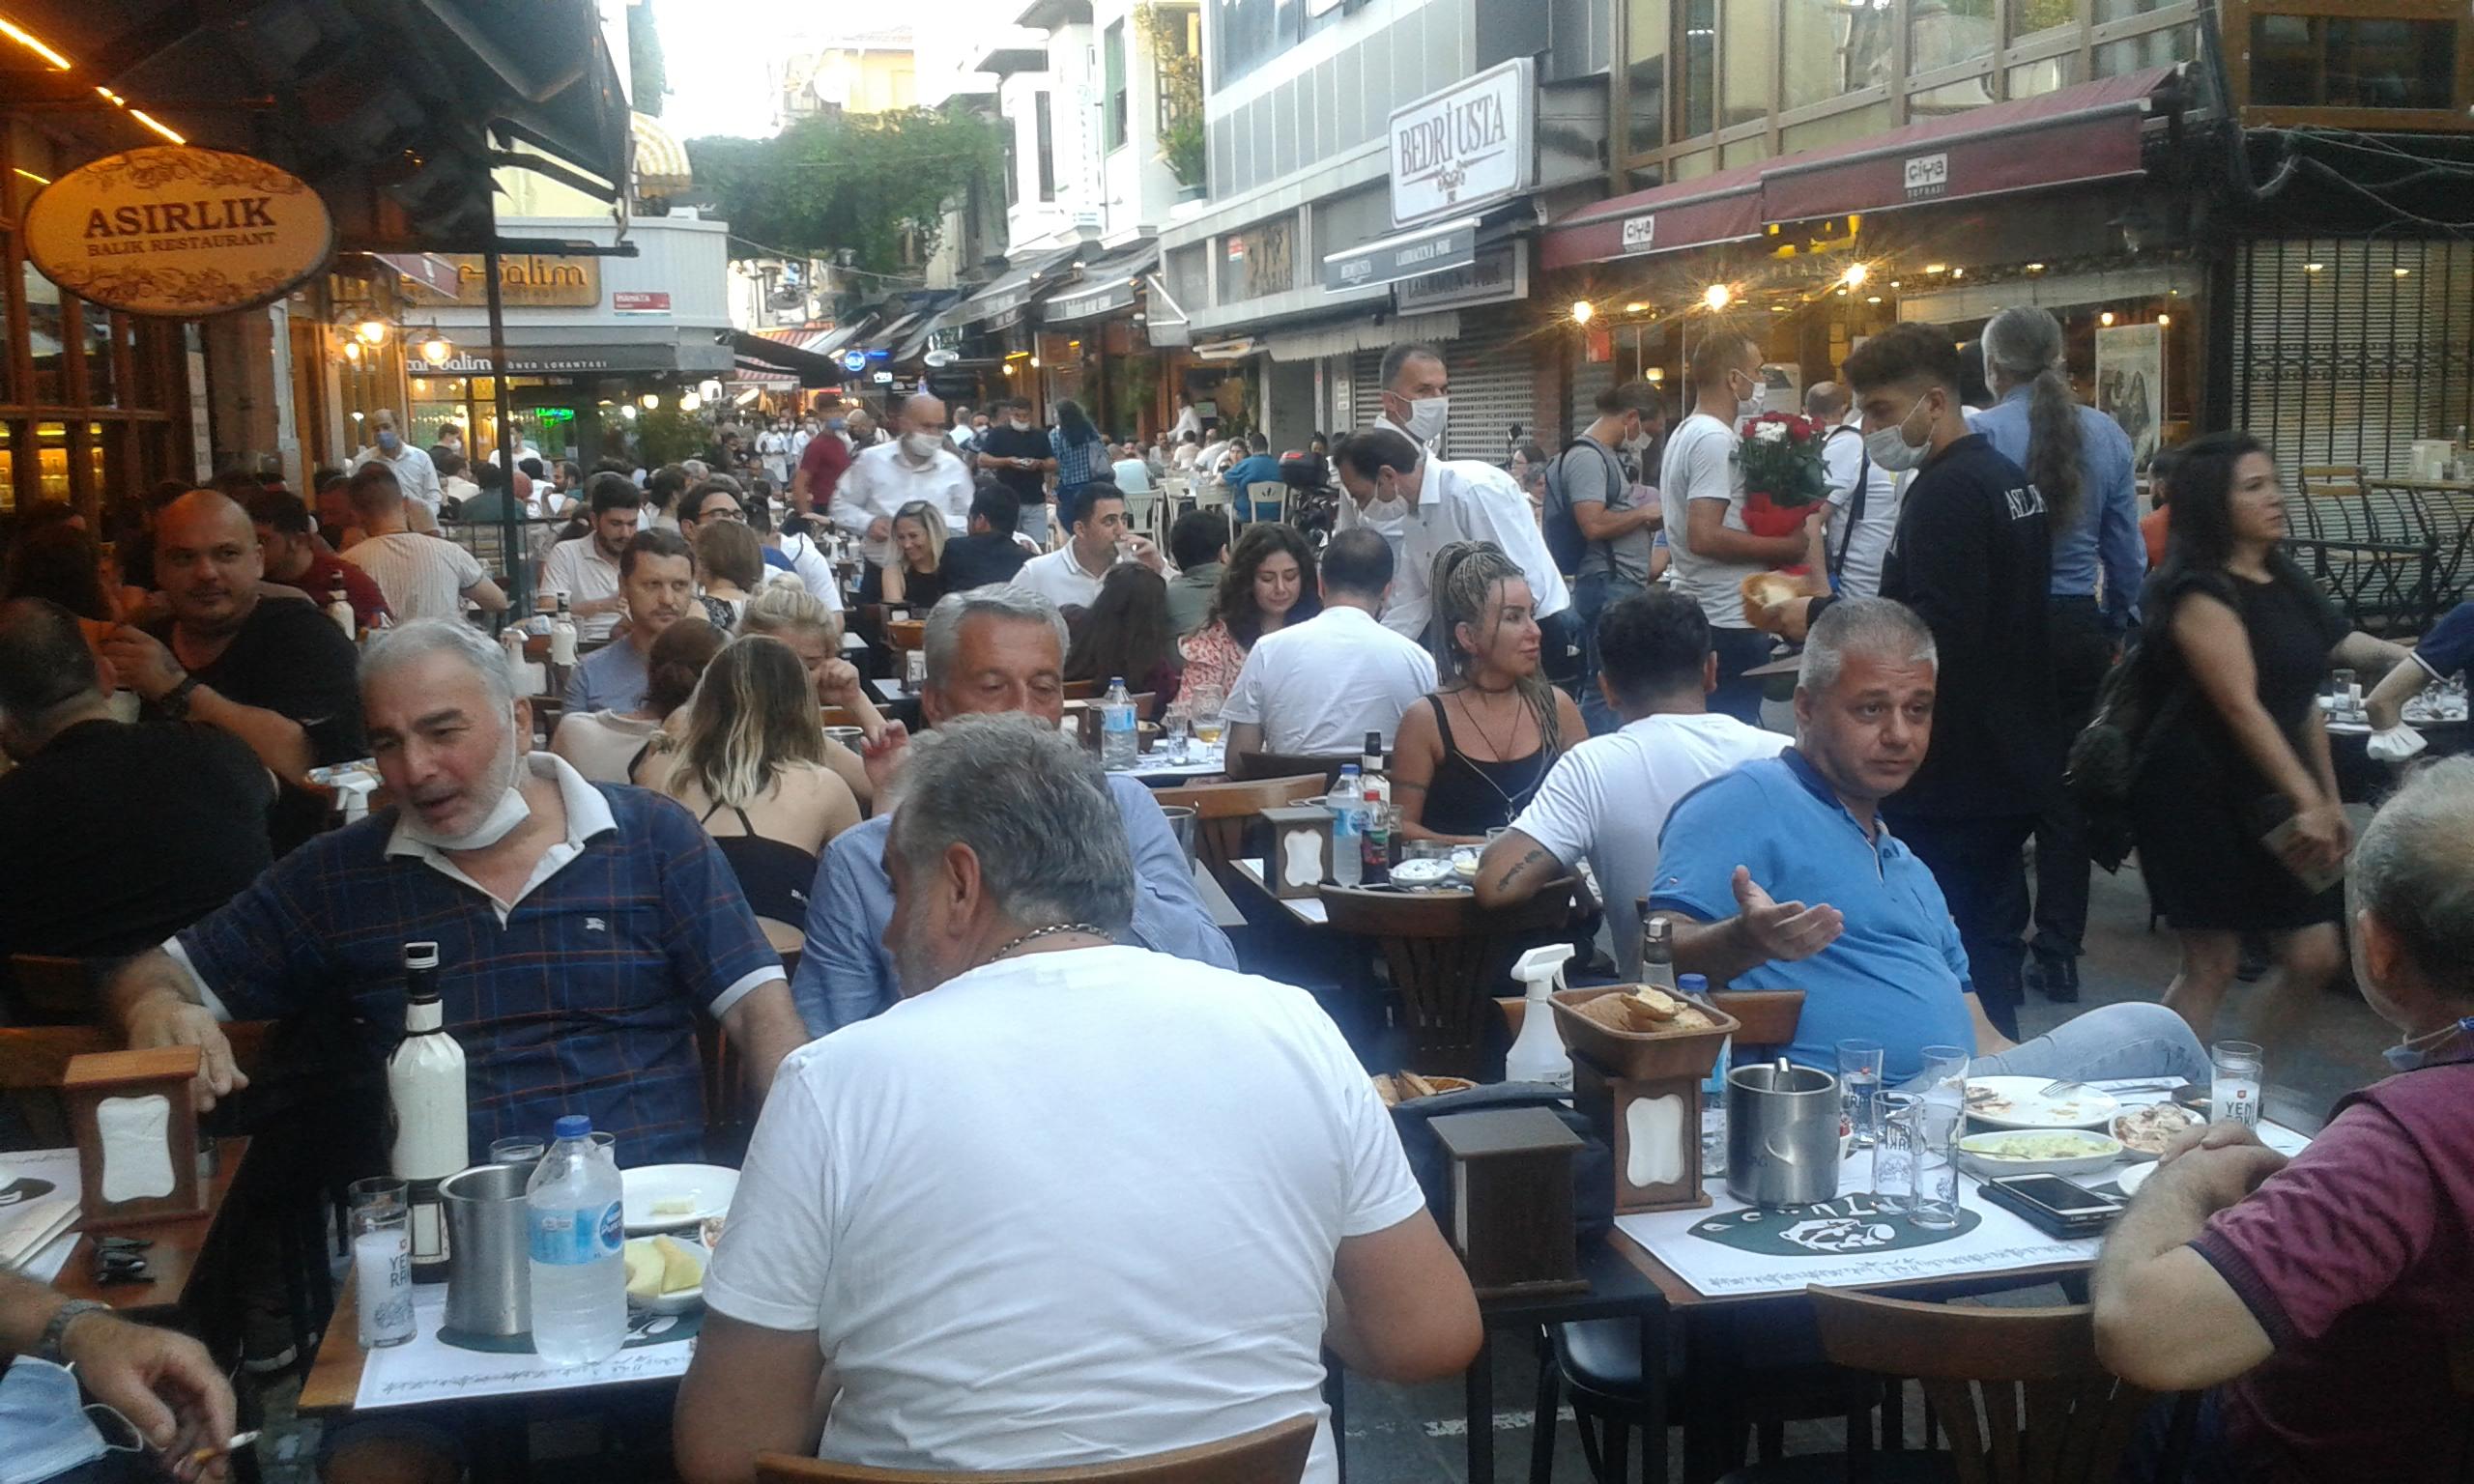 Kadıköy Tarihi Çarşı'da esnafın yüzünü güldüren hareketli bir Cumartesi